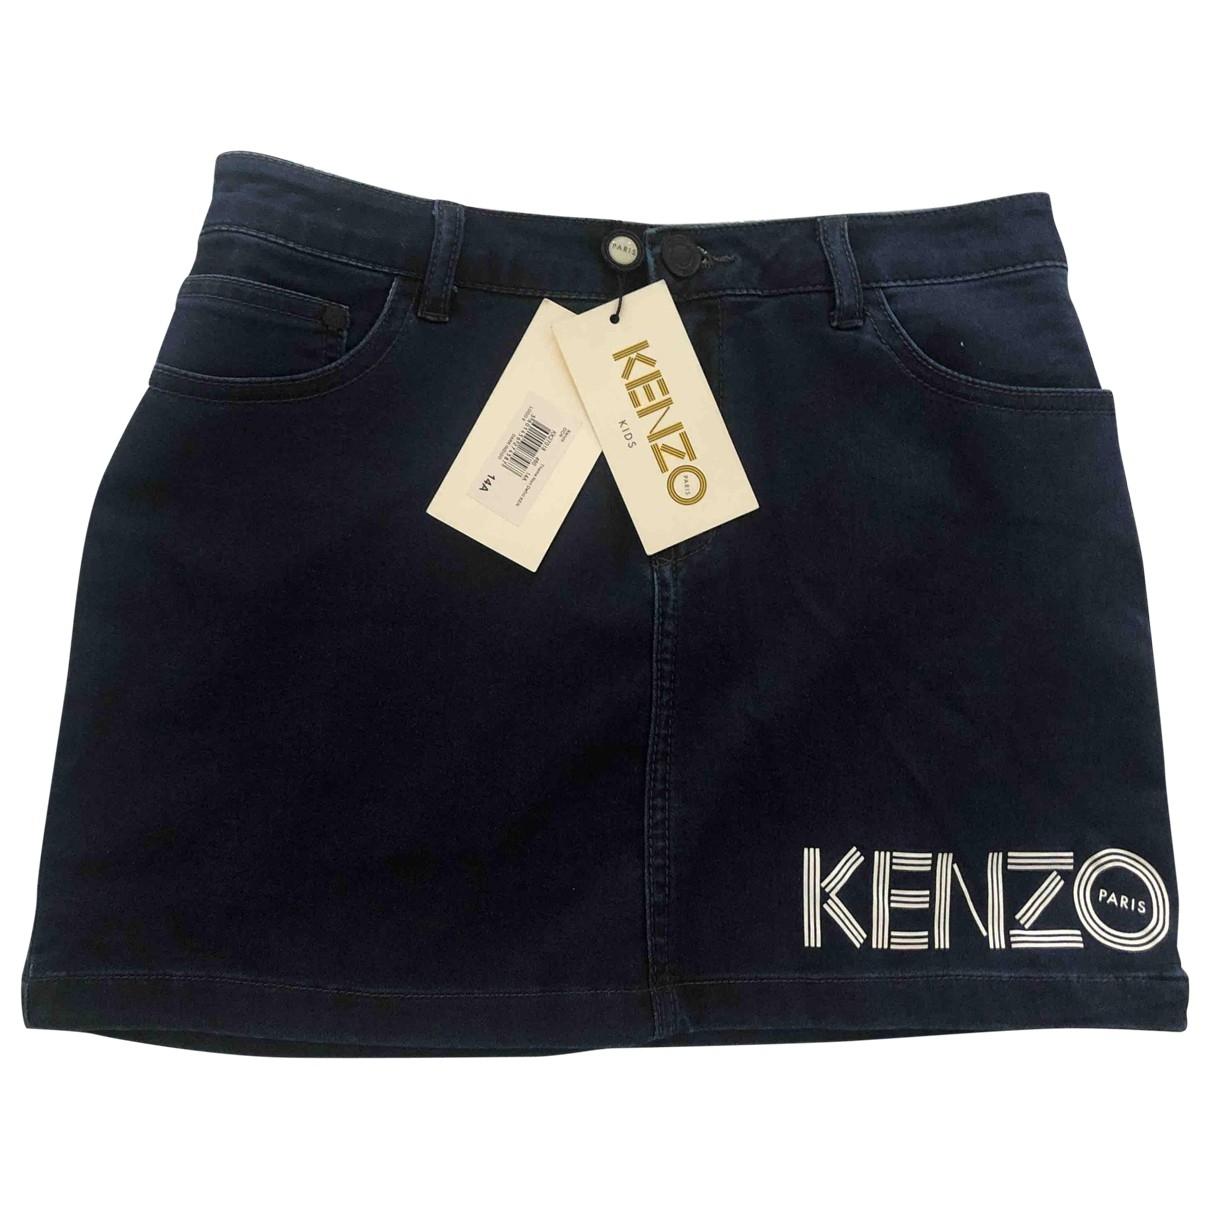 Kenzo \N Navy Denim - Jeans skirt for Kids 14 years - S